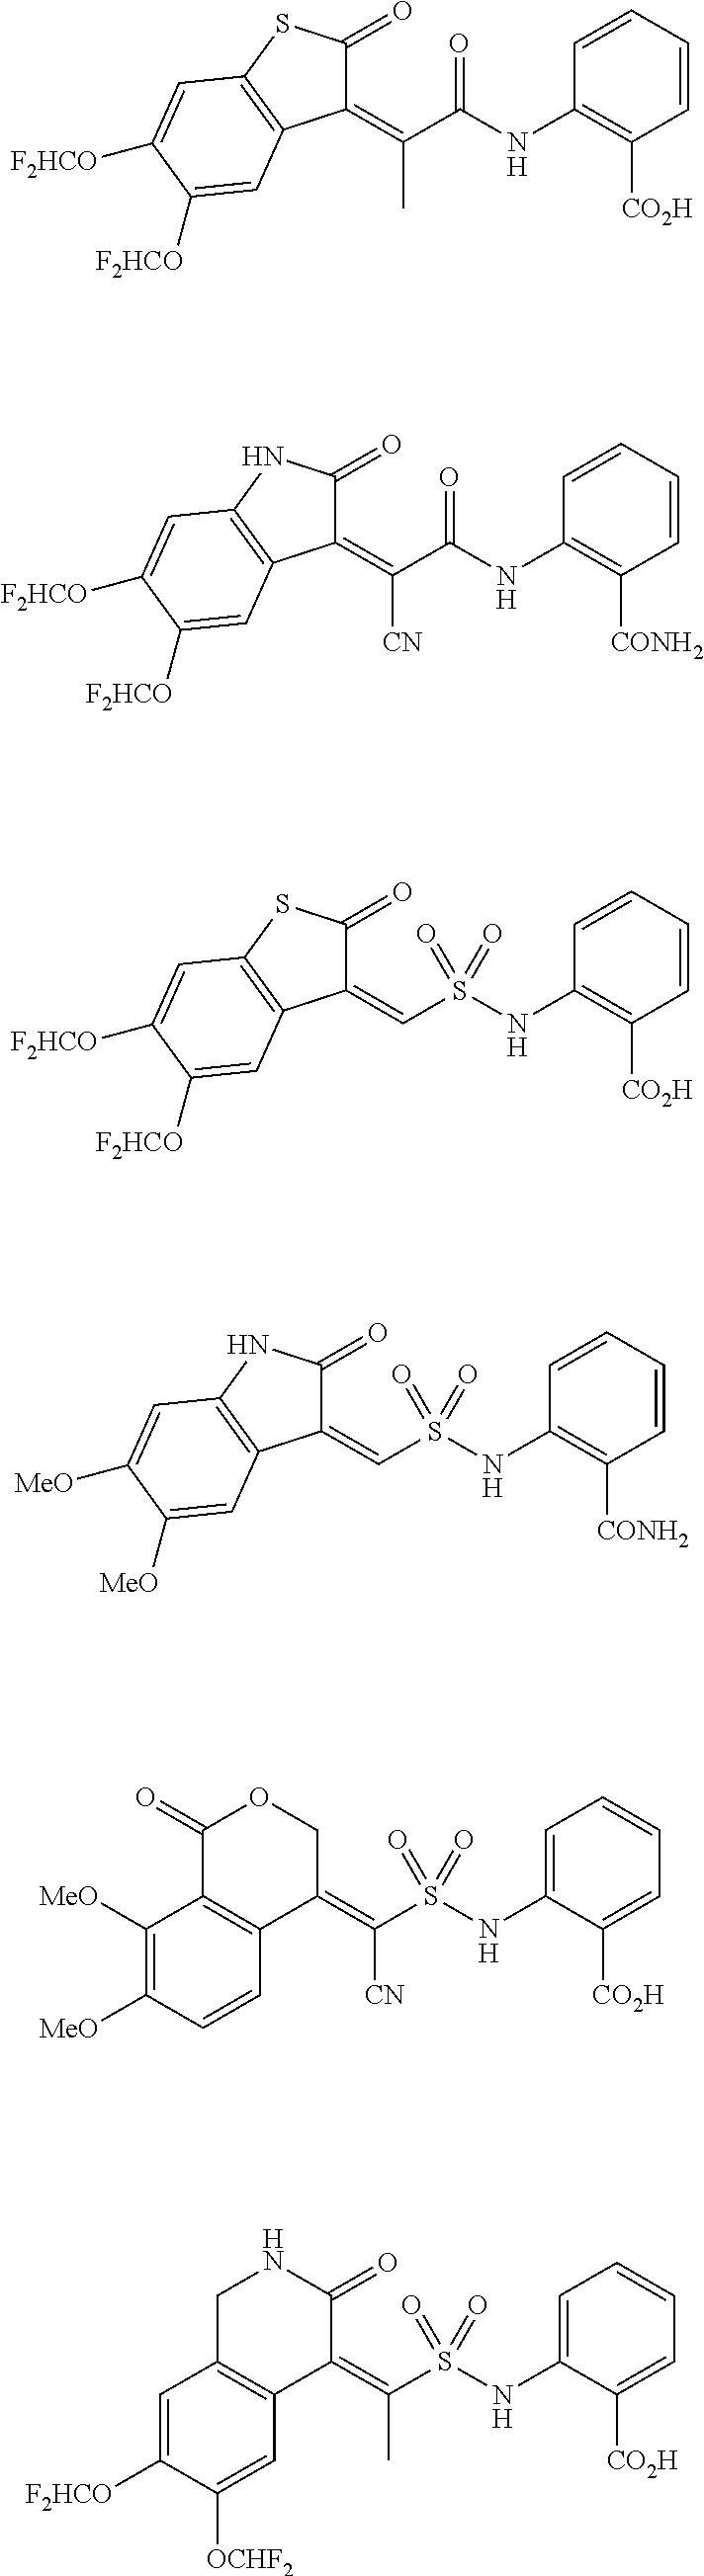 Figure US09951087-20180424-C00012